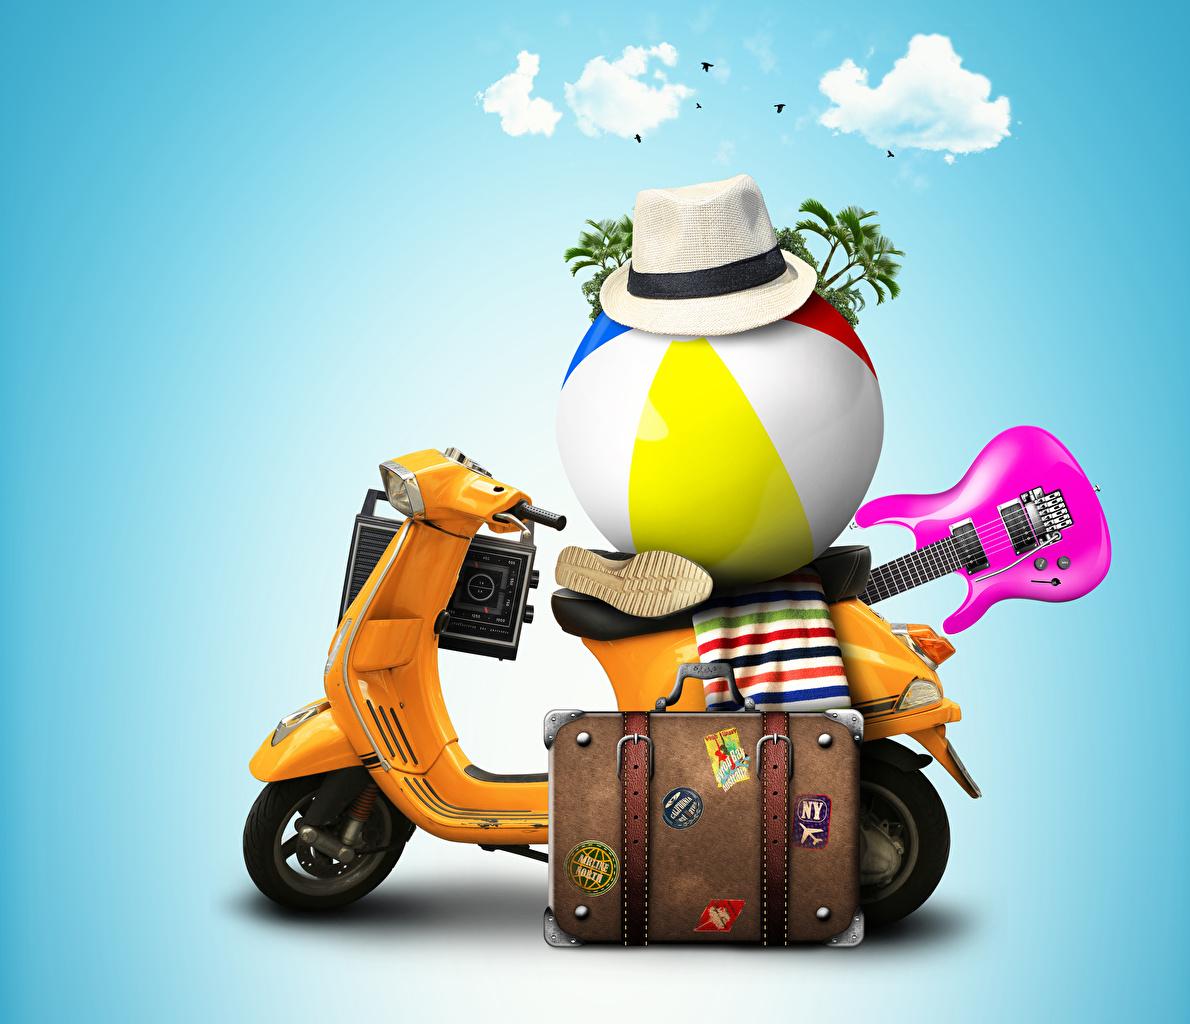 Фотография 3D Графика Мотороллер с гитарой Шляпа Туризм чемоданом Мяч Цветной фон 3д Скутер гитары Гитара шляпы шляпе Чемодан чемоданы Мячик